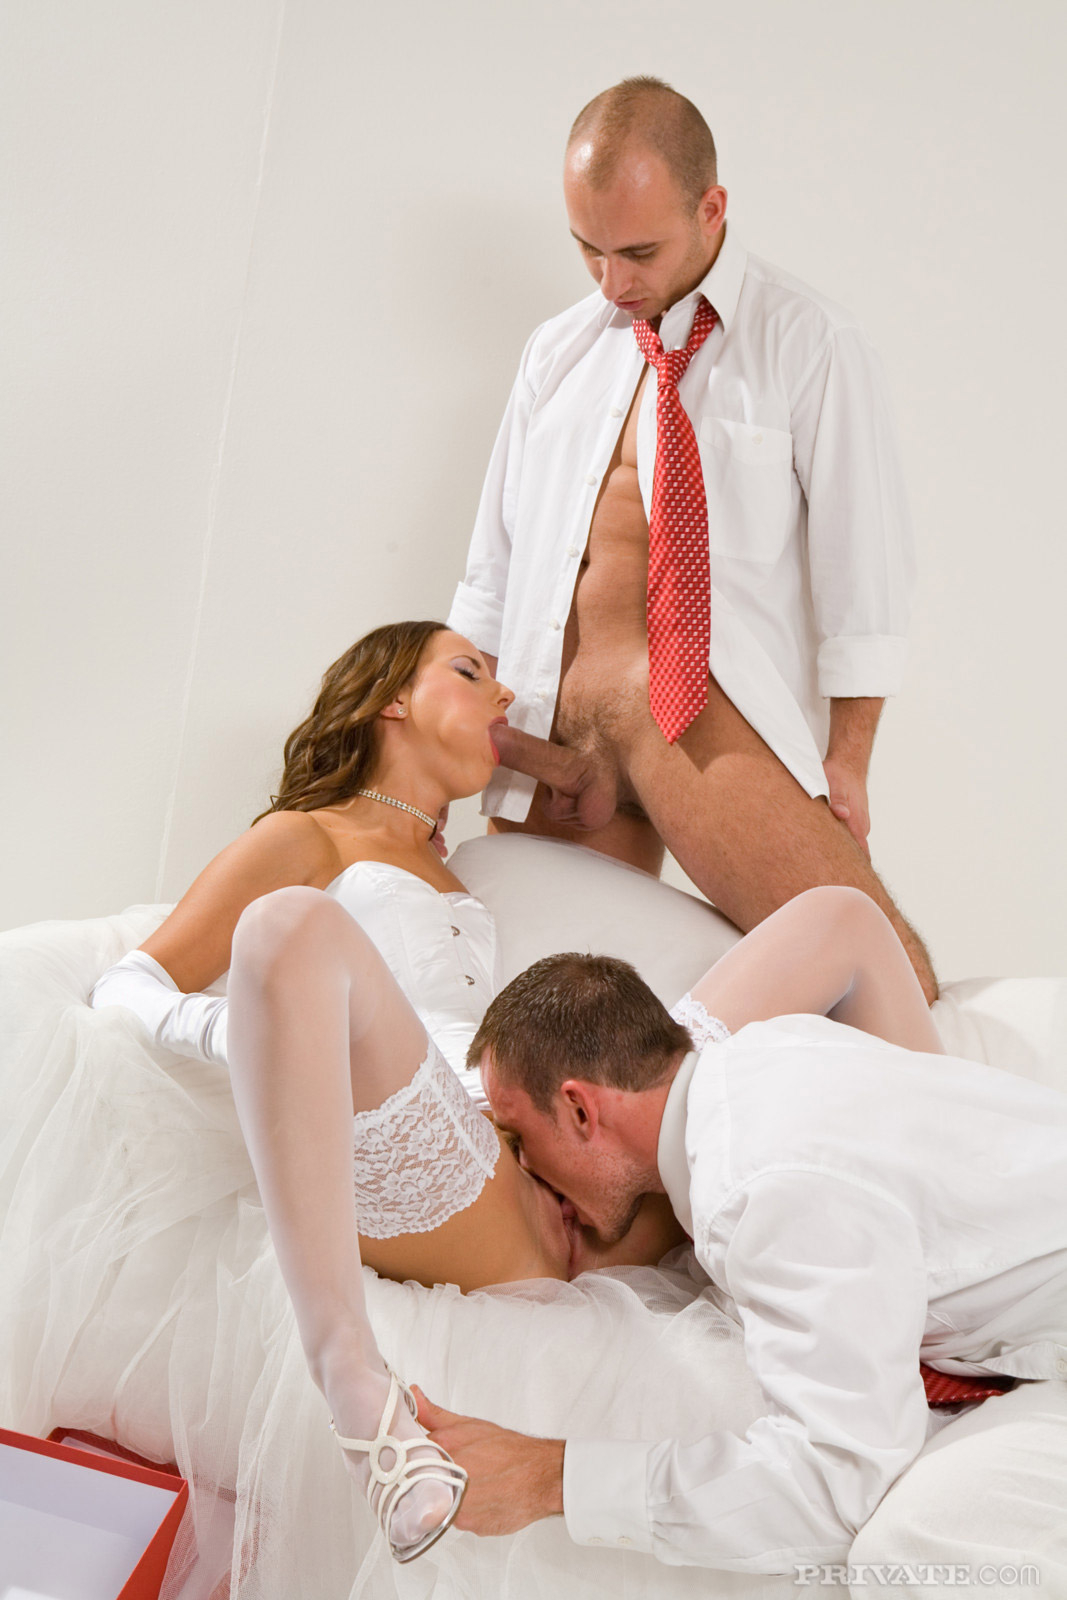 чётко они куни для невесты в первую брачную ночь смотреть онлайн стене